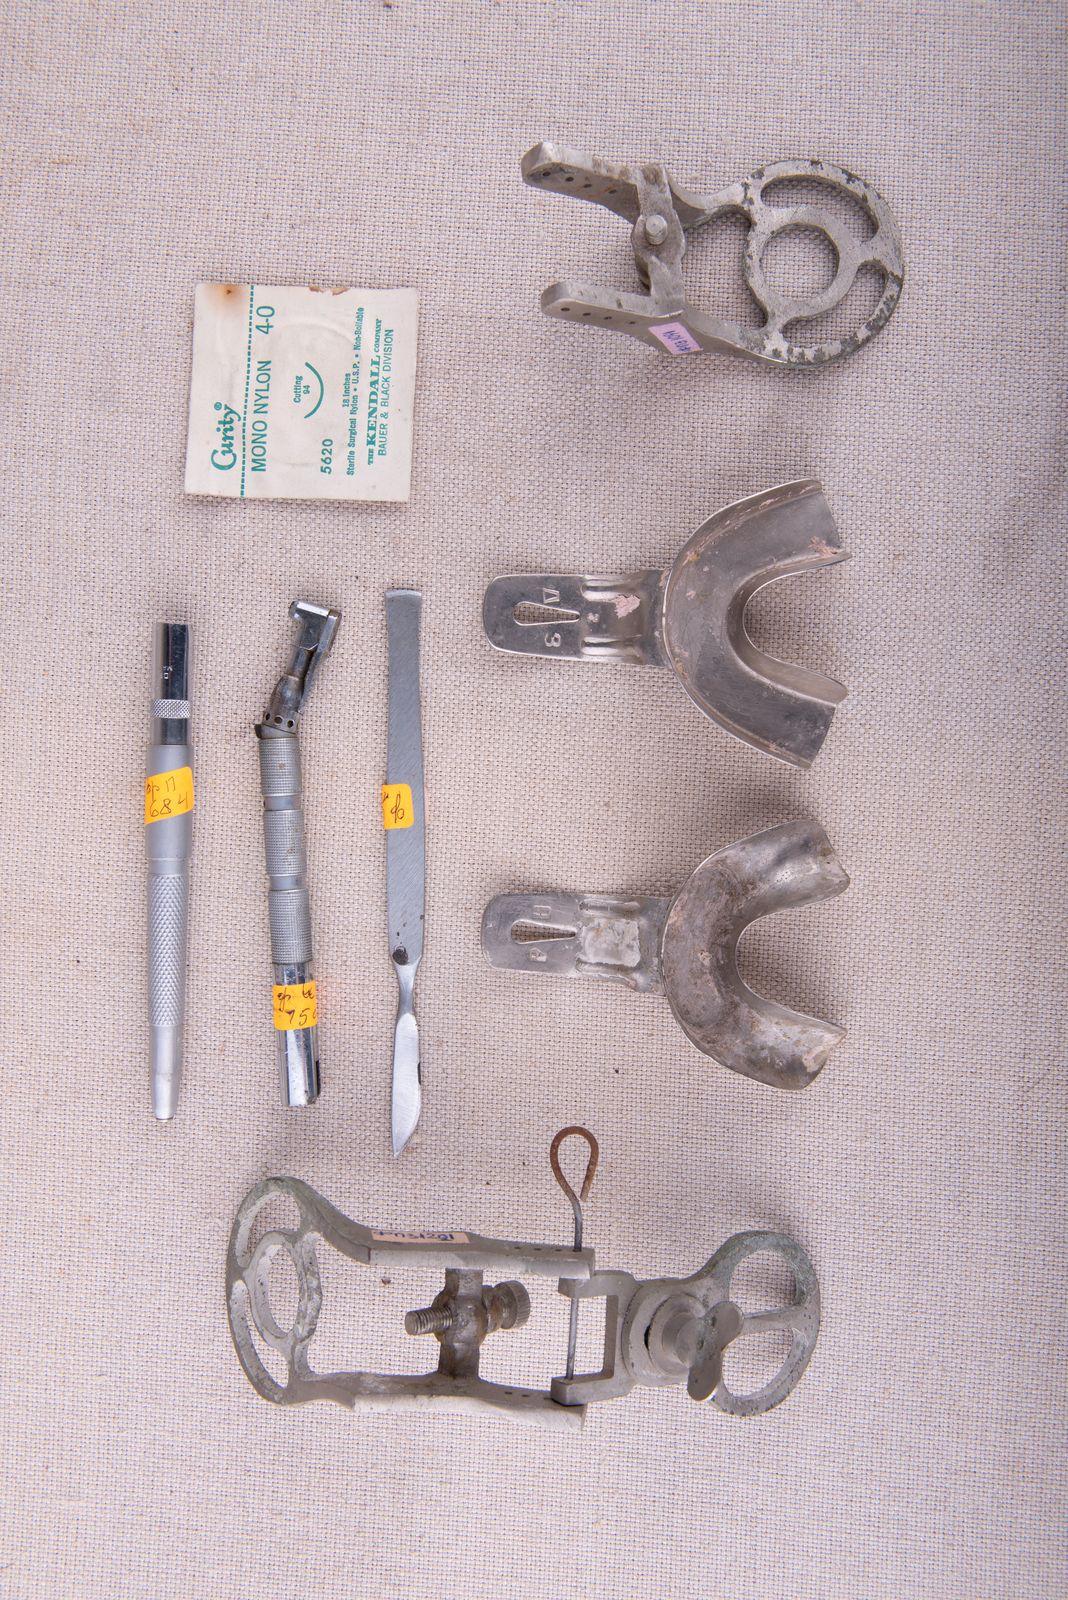 Muzei242_Стоматологични наконечници, скалпел и метални лъжици за вемане на отпечатък от долна зъбна редица